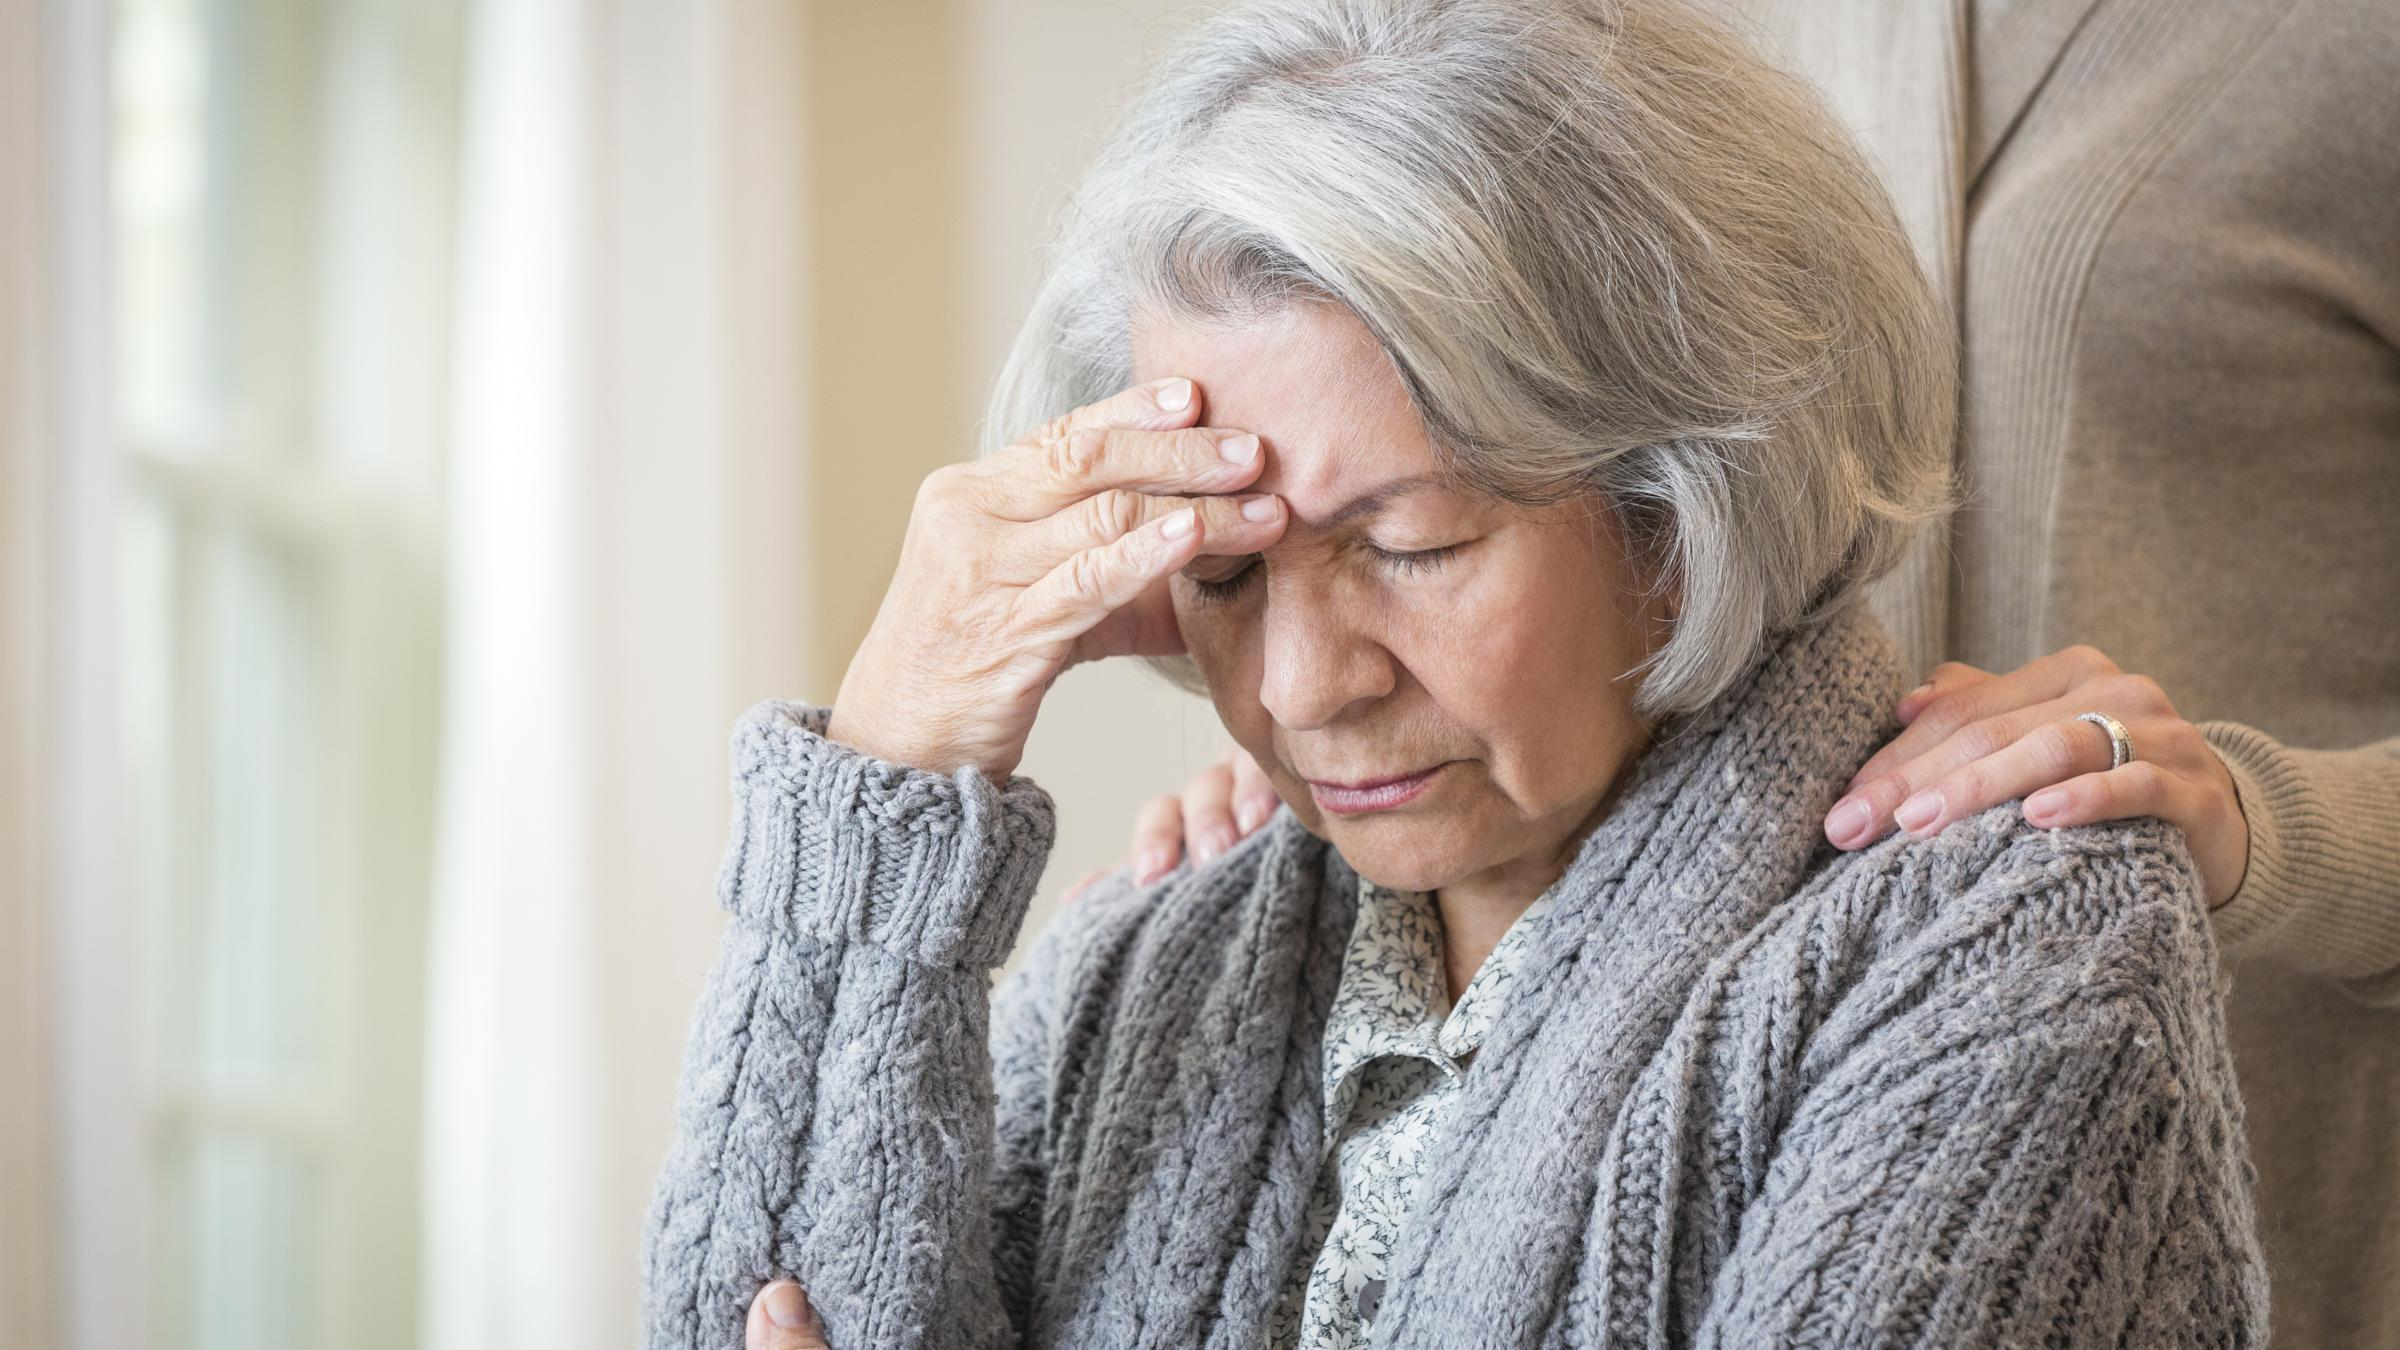 Как идентифицировать потерю памяти задолго до симптомов болезни Альцгеймера?